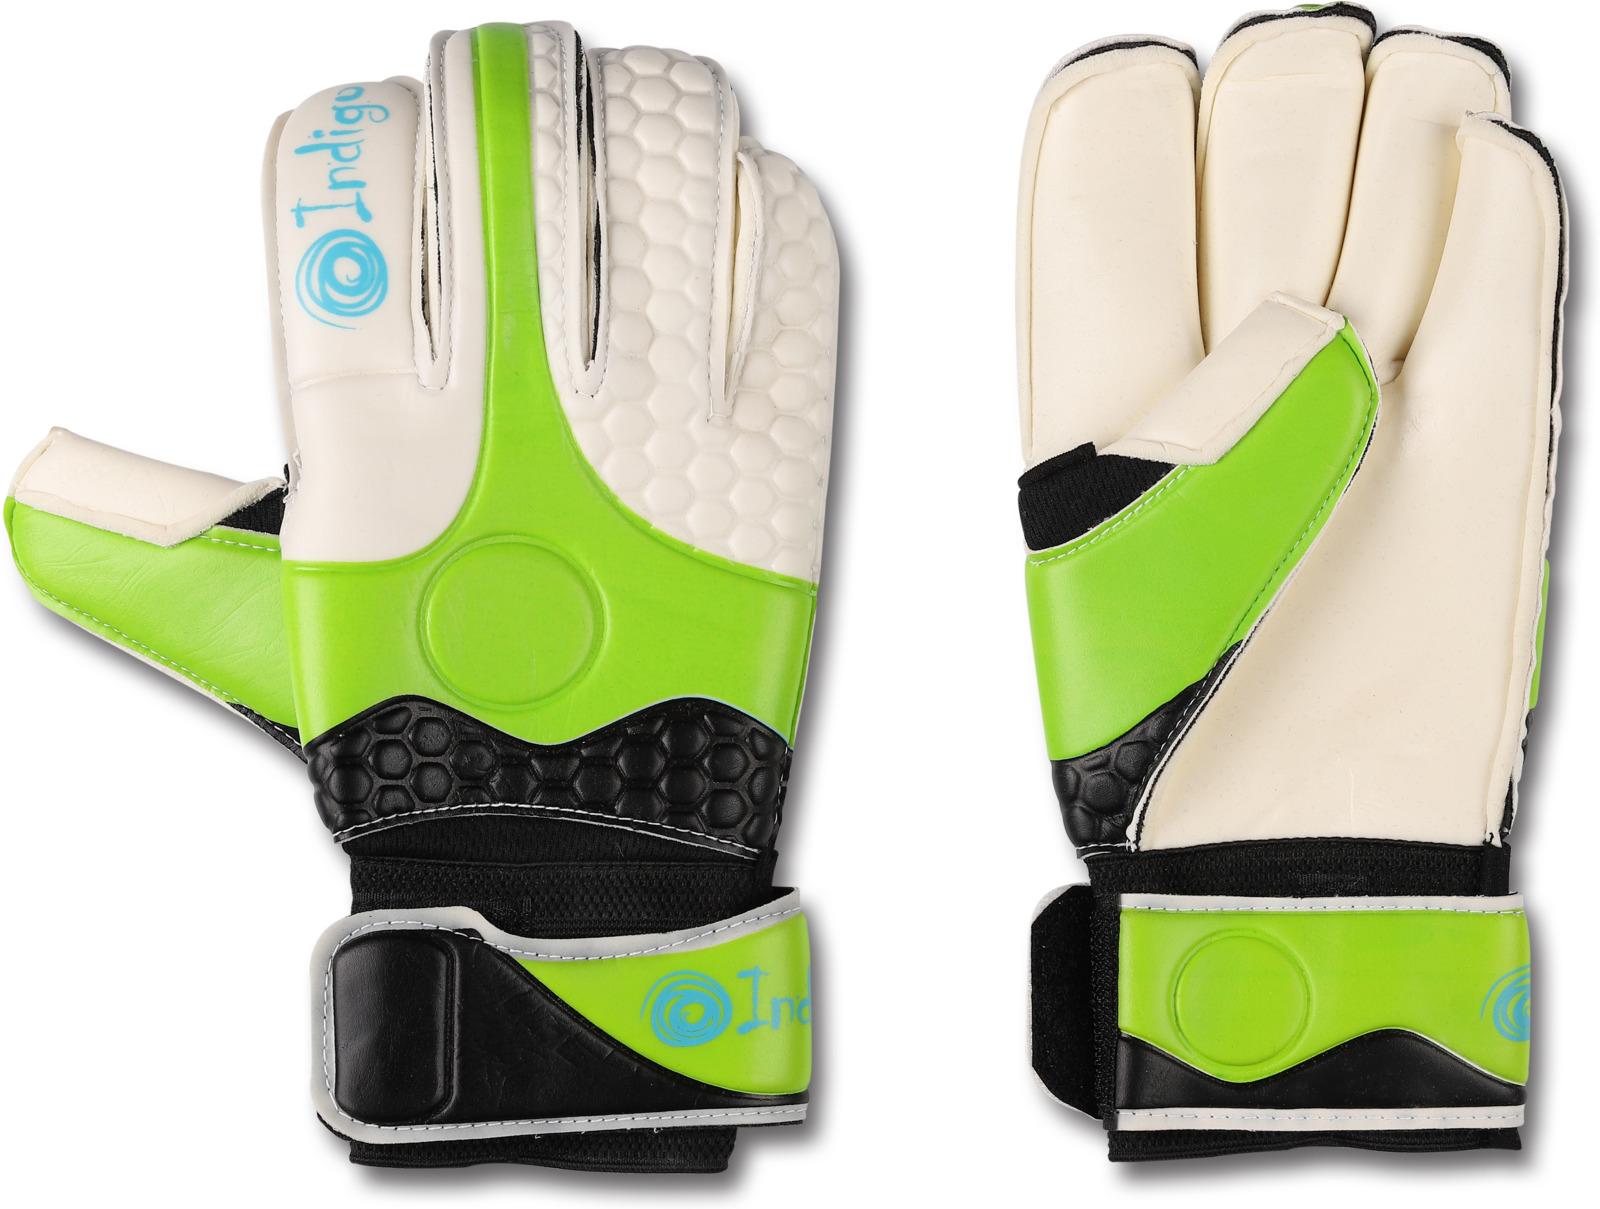 Перчатки вратарские Indigo, 200002, белый, светло-зеленый, черный, размер 9